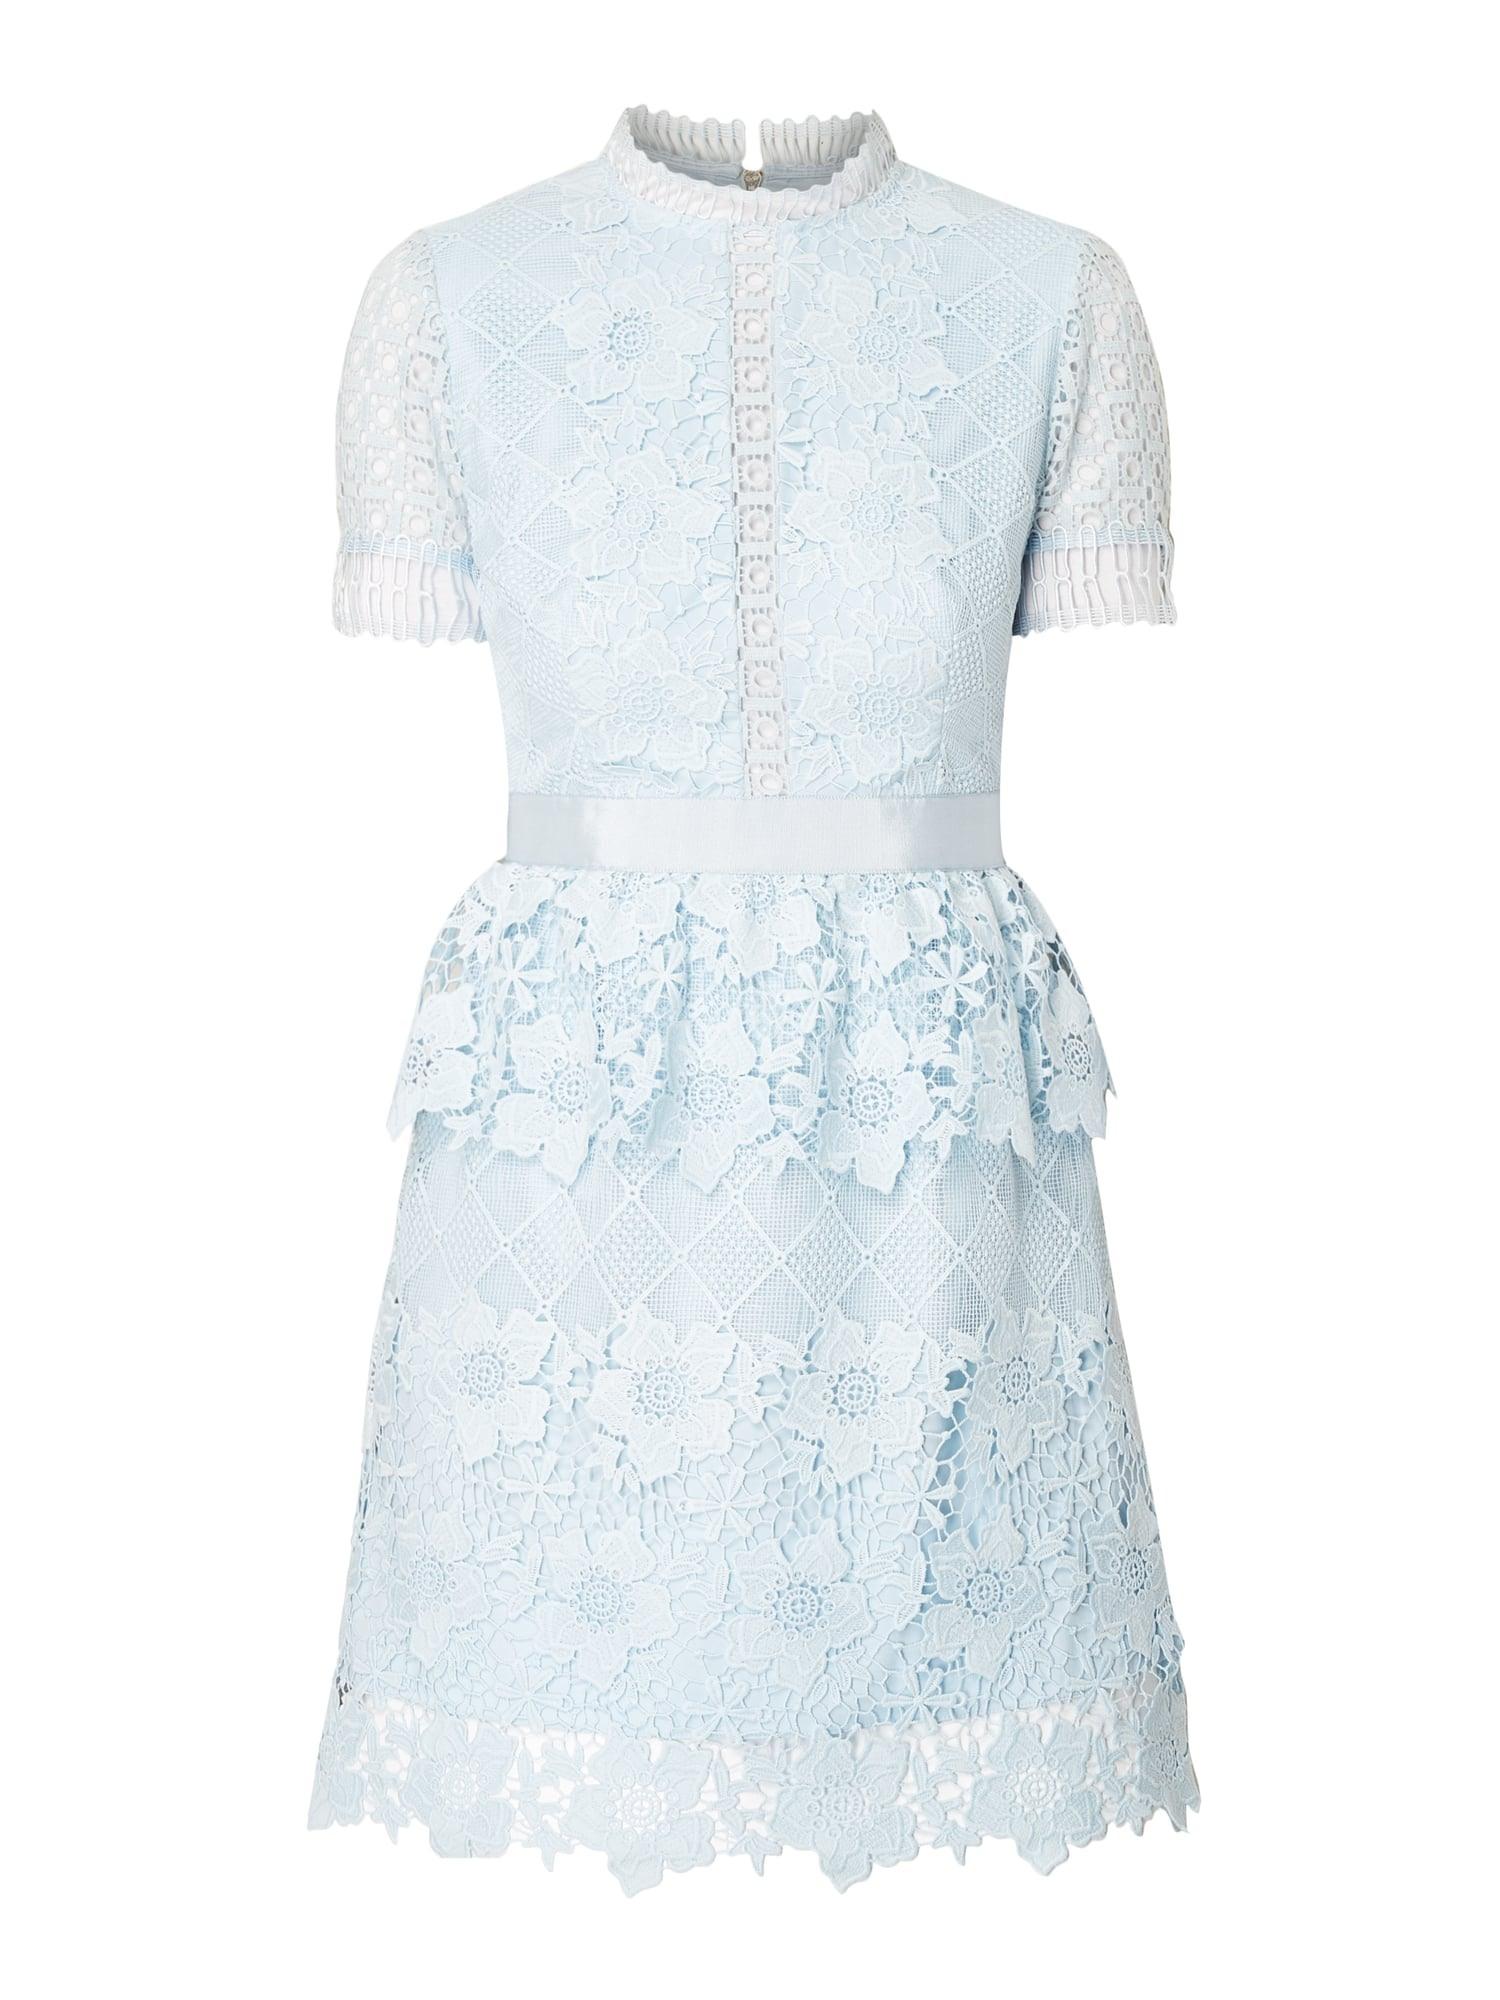 Formal Erstaunlich Kleid Hellblau Spitze Vertrieb13 Top Kleid Hellblau Spitze Boutique